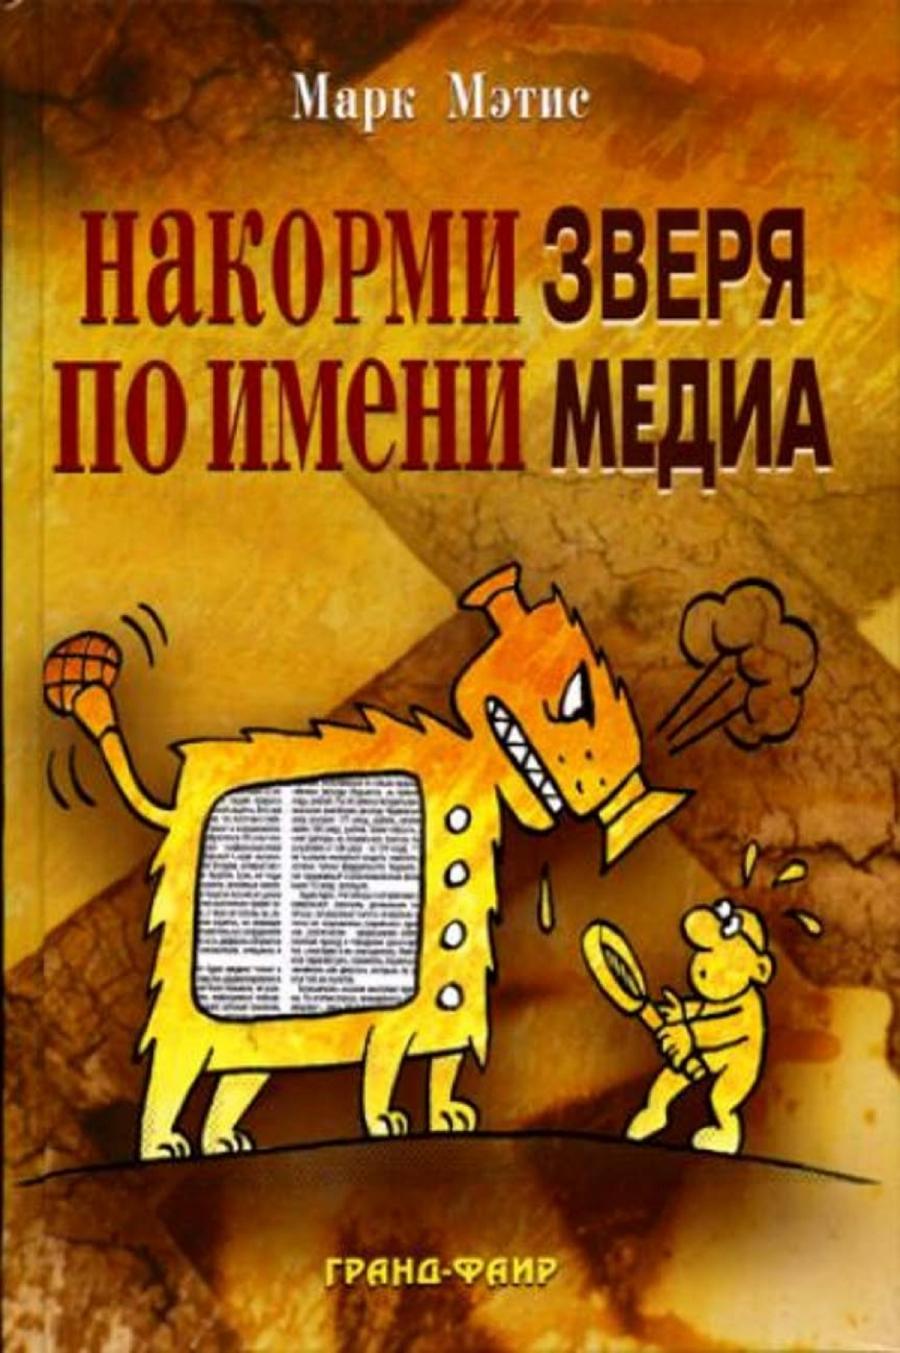 Обложка книги:  мэтис м. - накорми зверя по имени медиа. простые рецепты для грандиозного паблисити